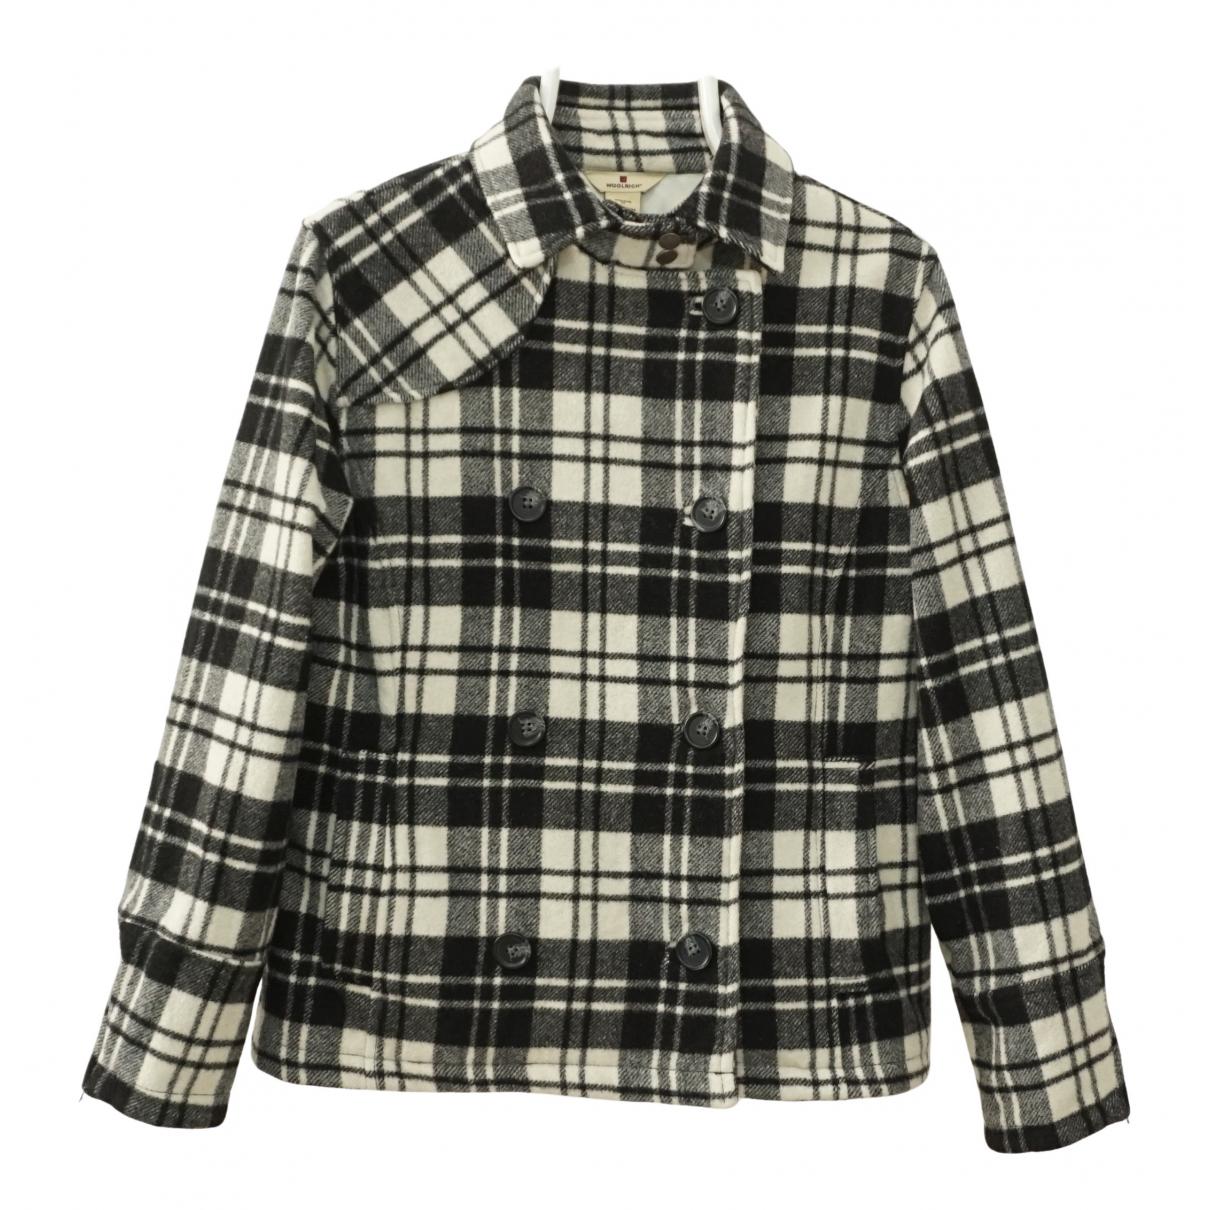 Woolrich - Manteau   pour femme en laine - multicolore